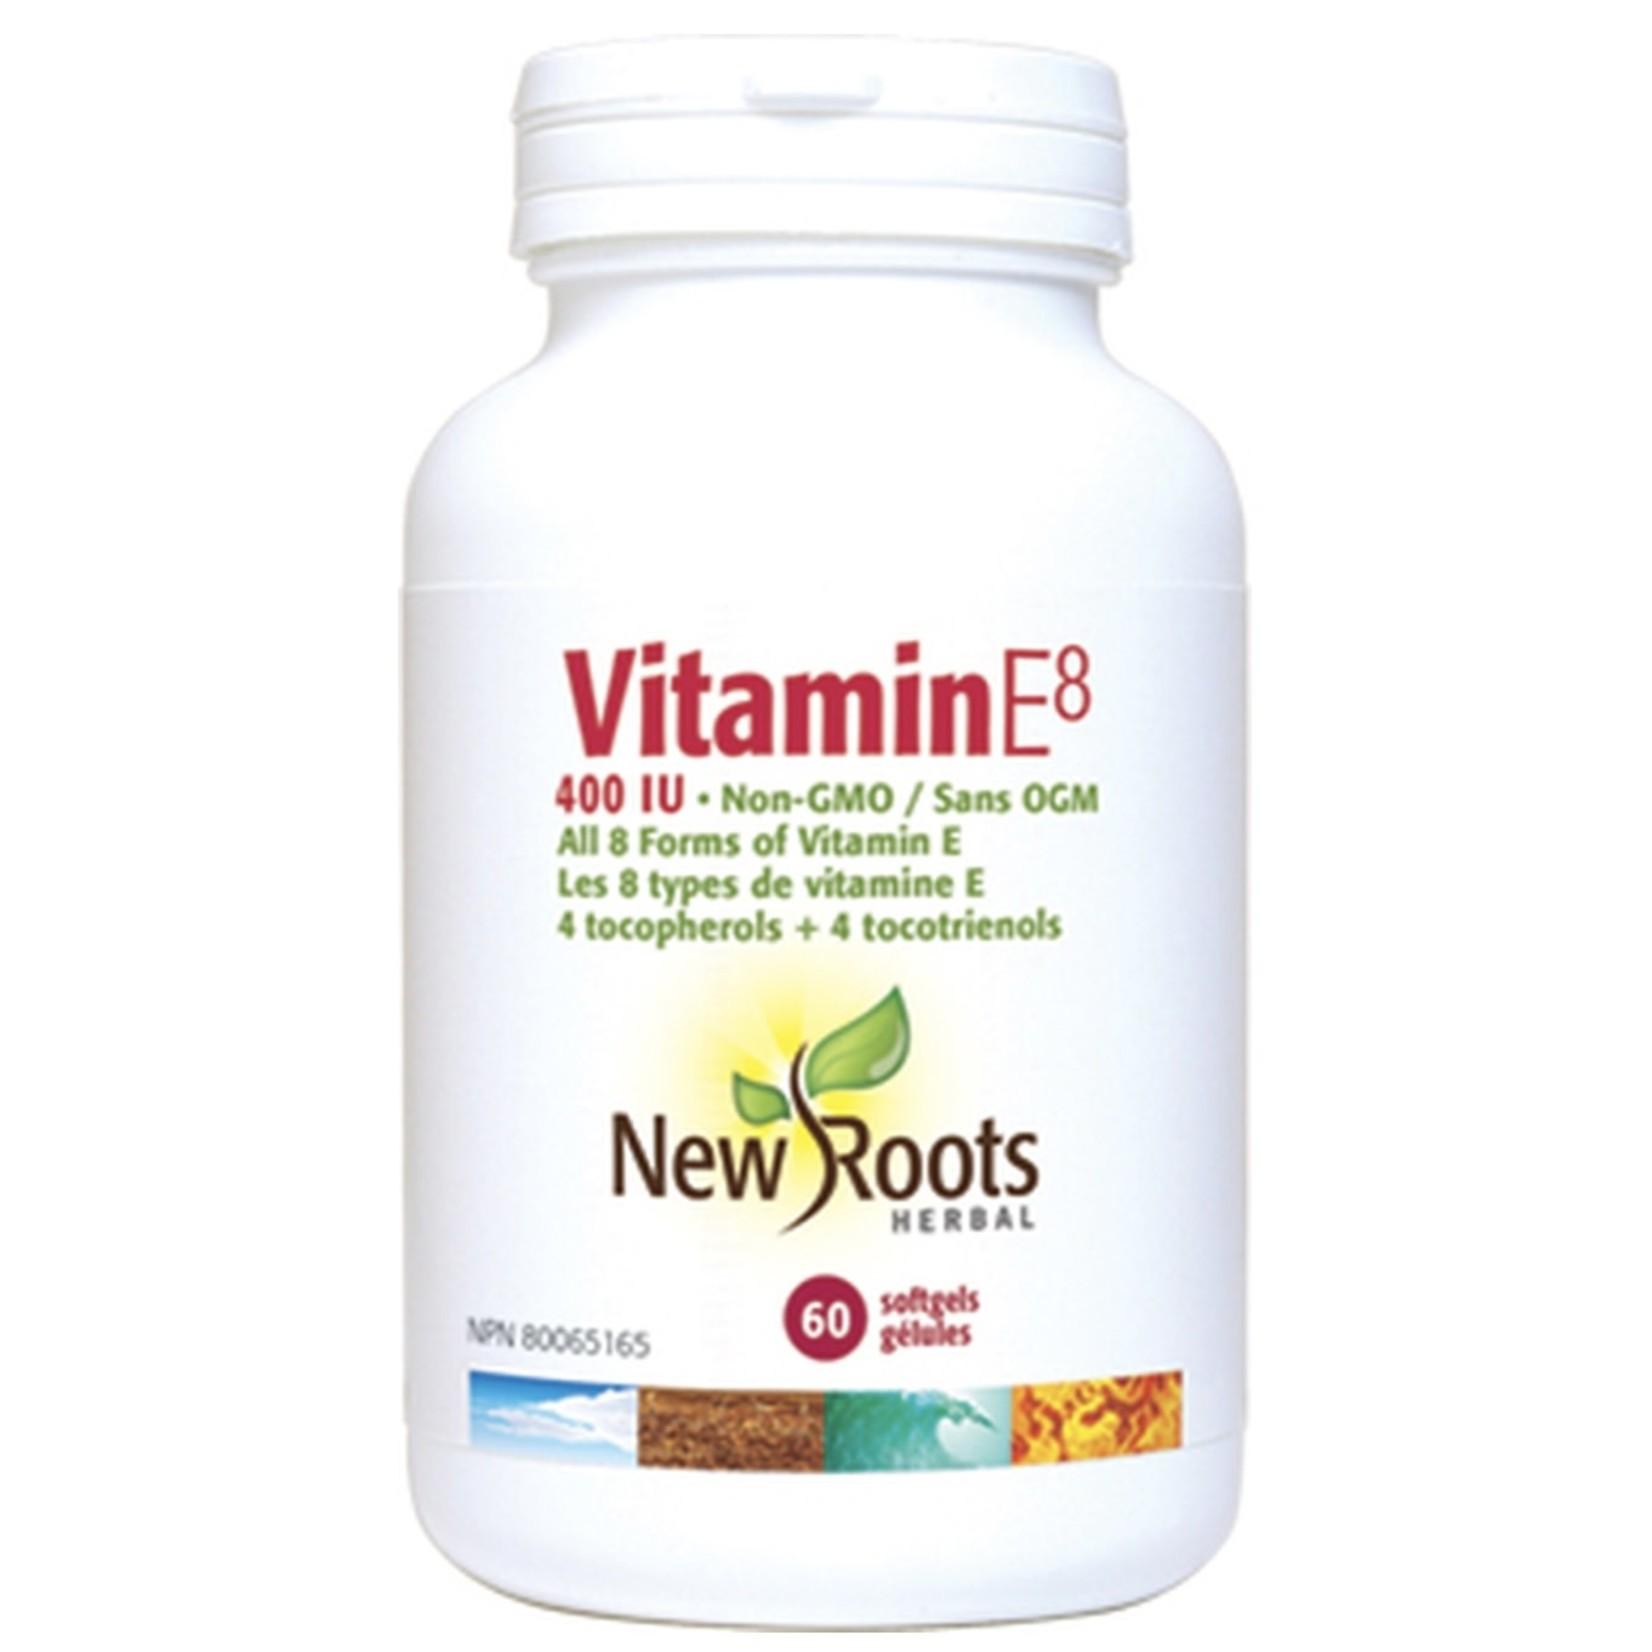 New Roots New Roots Vitamin E8 400IU 60 softgels